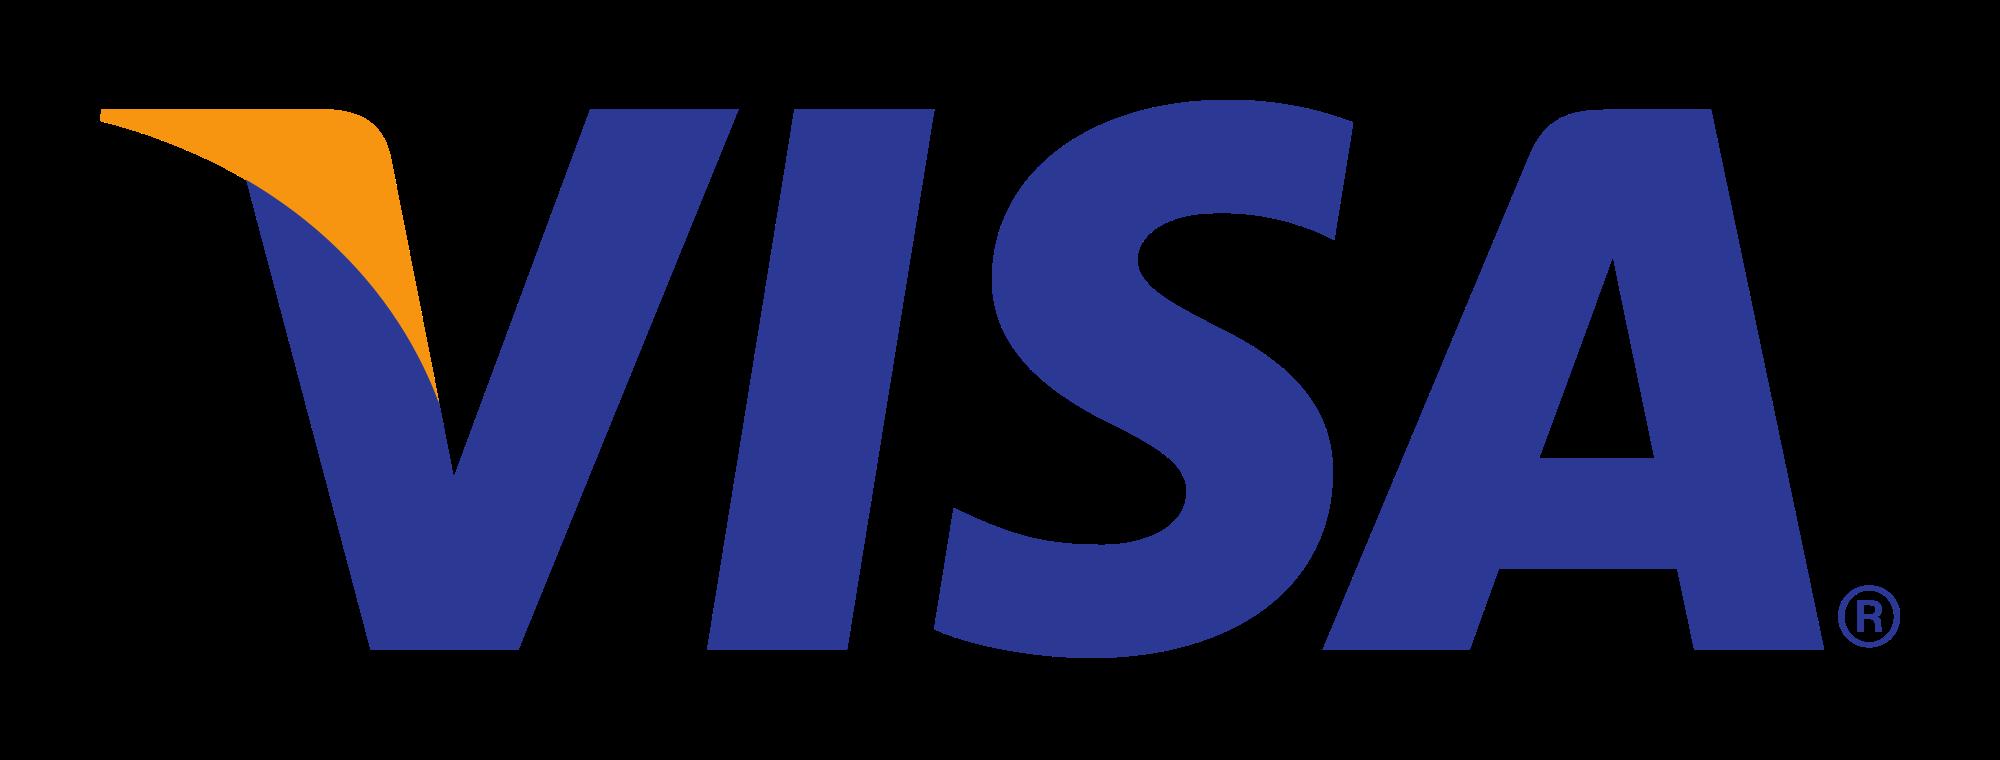 Visa_Inc._logo.svg.png | Не добавлены